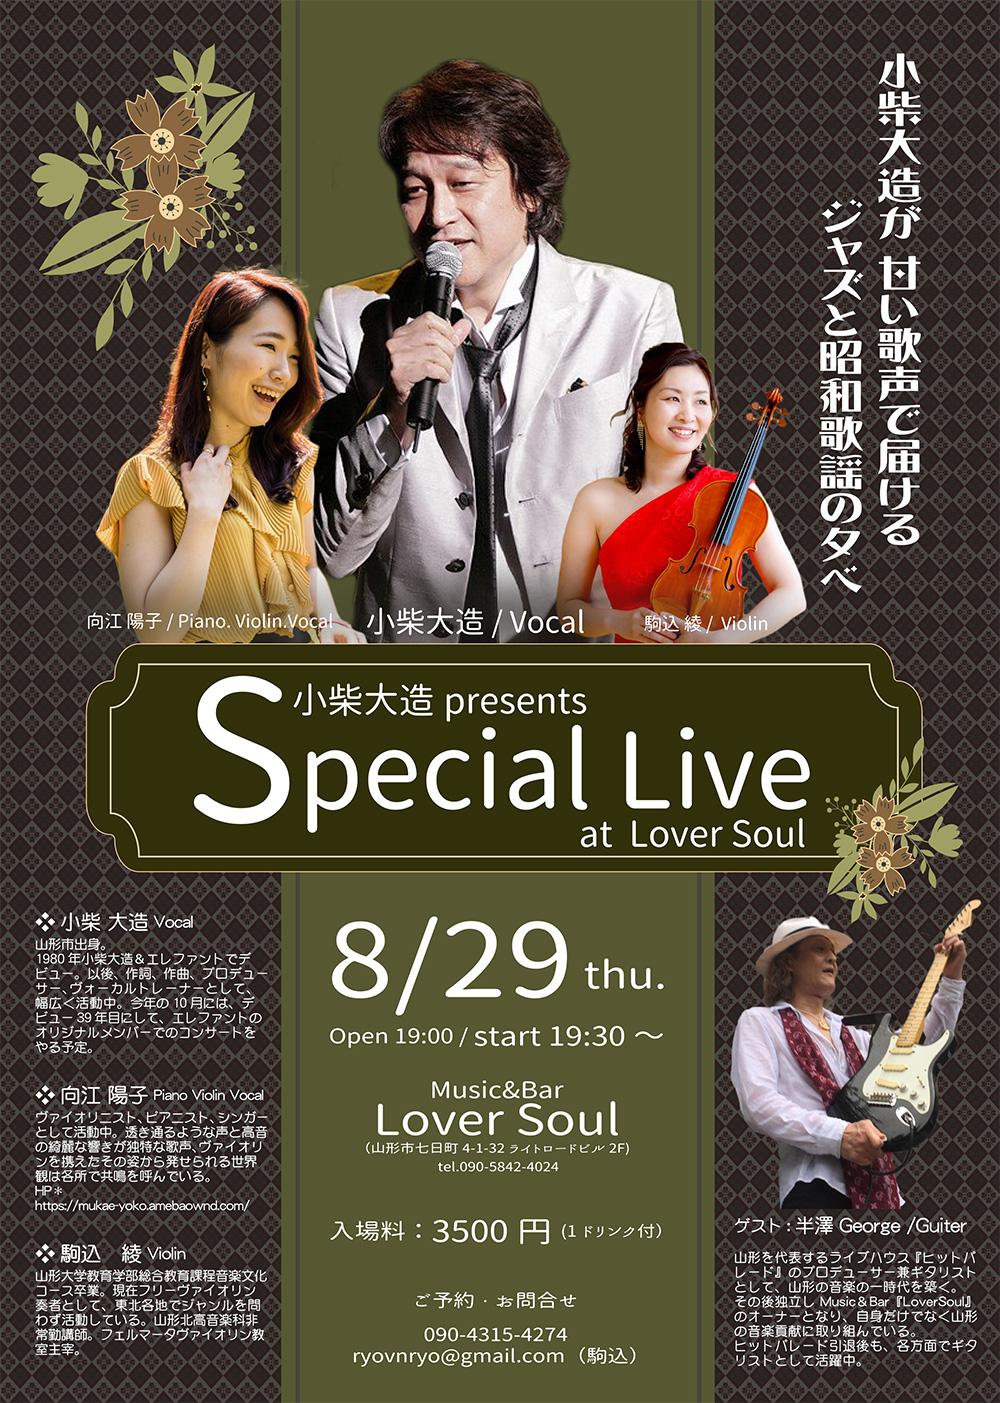 小柴大造プレゼンツ<br>Special Live<br>at Lover Soul